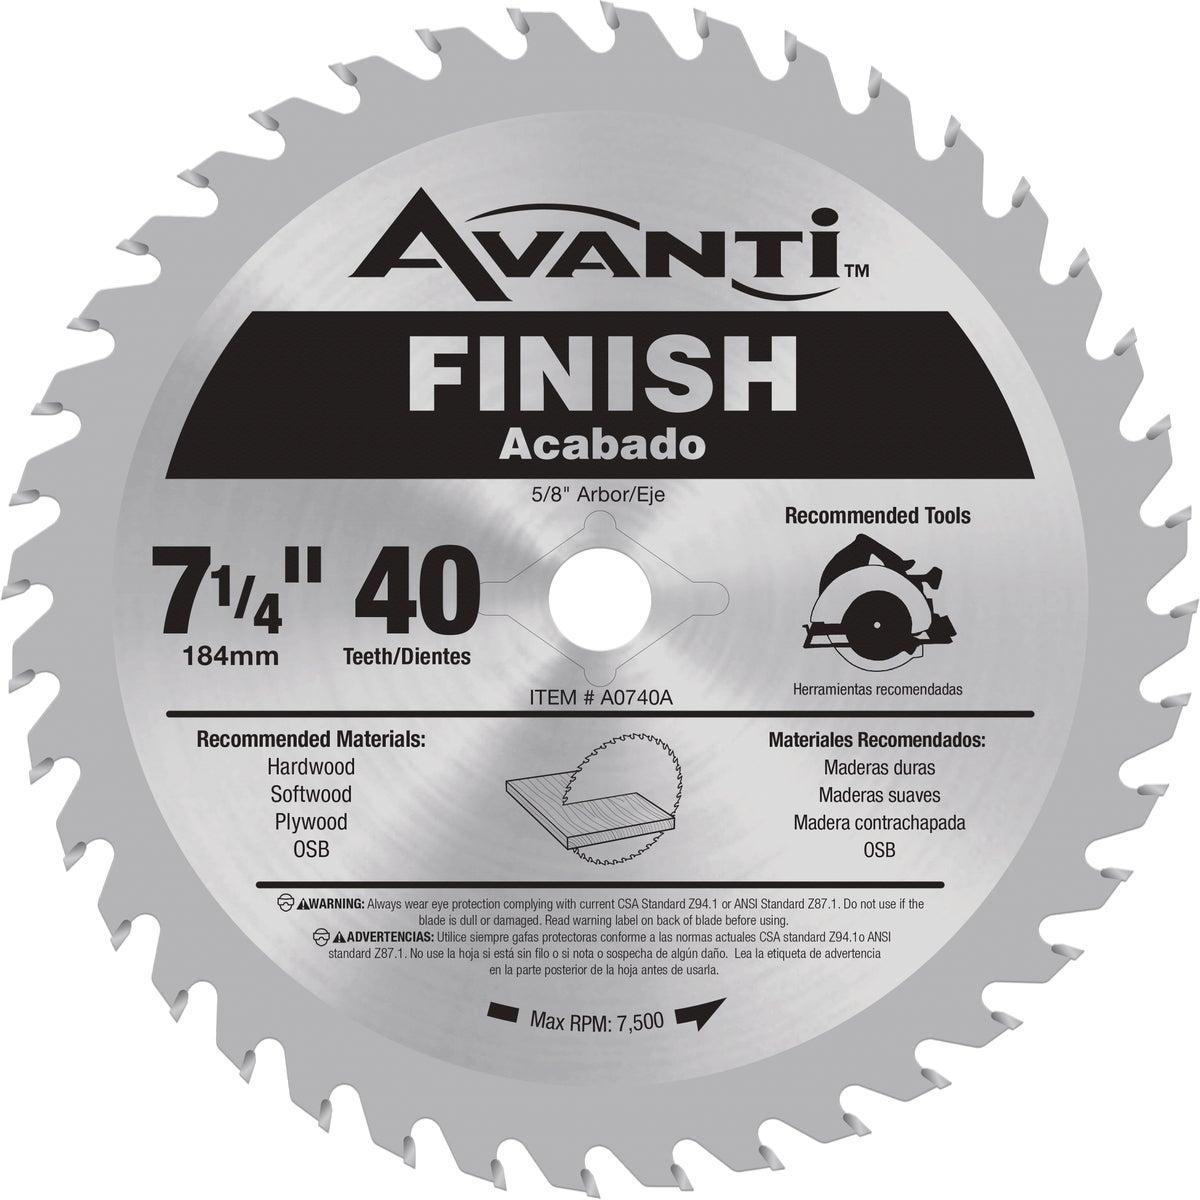 Avanti 7-1/4 In. 40-Tooth Finish Circular Saw Blade